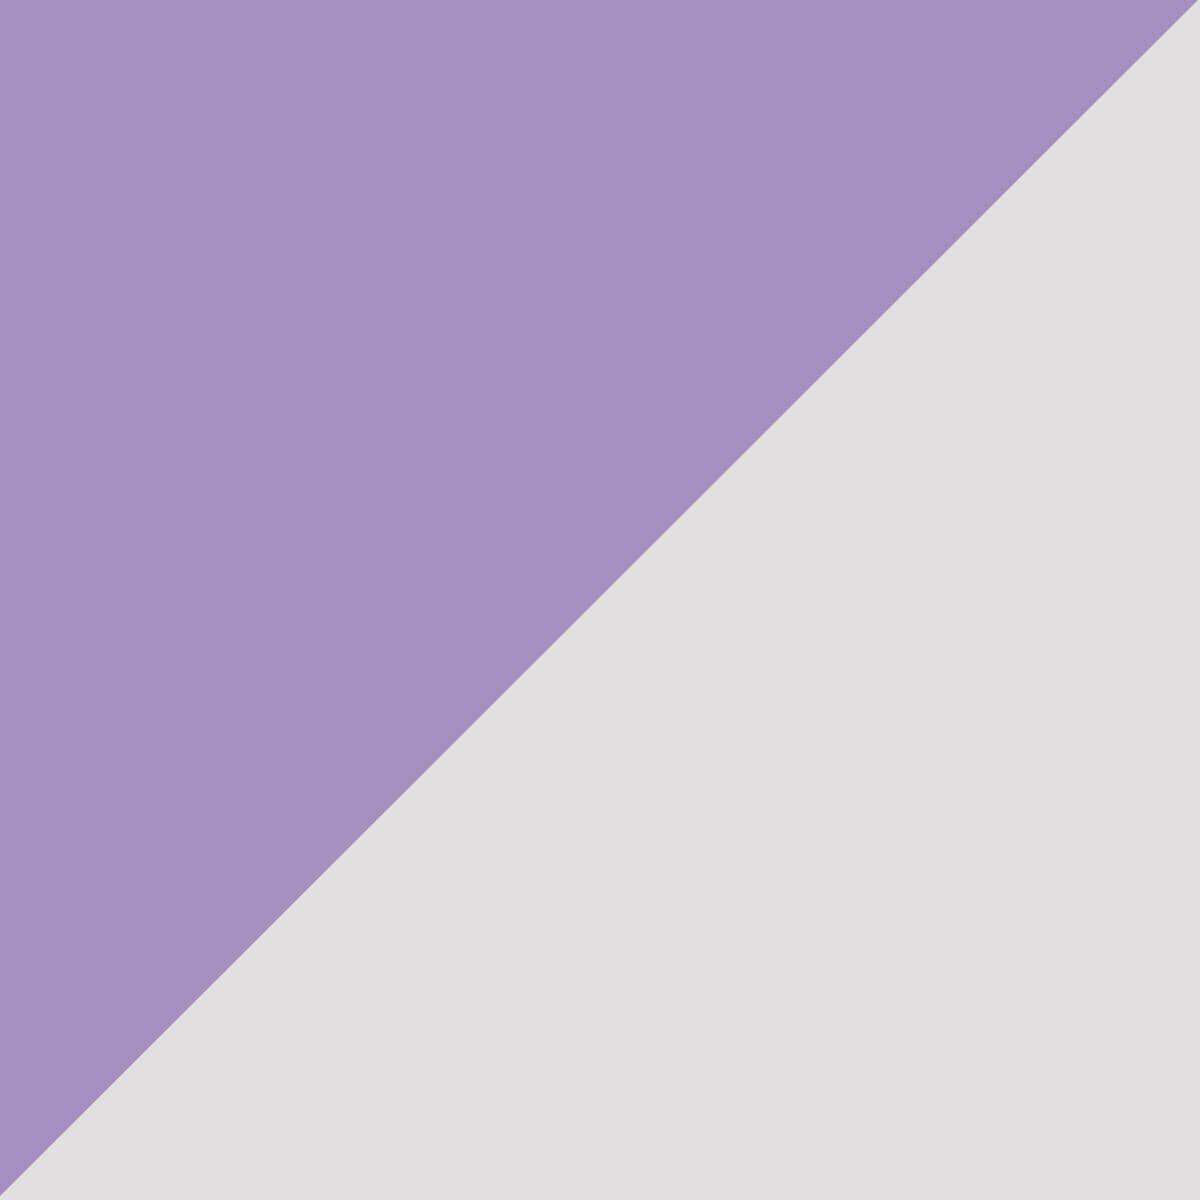 Violet/Argent